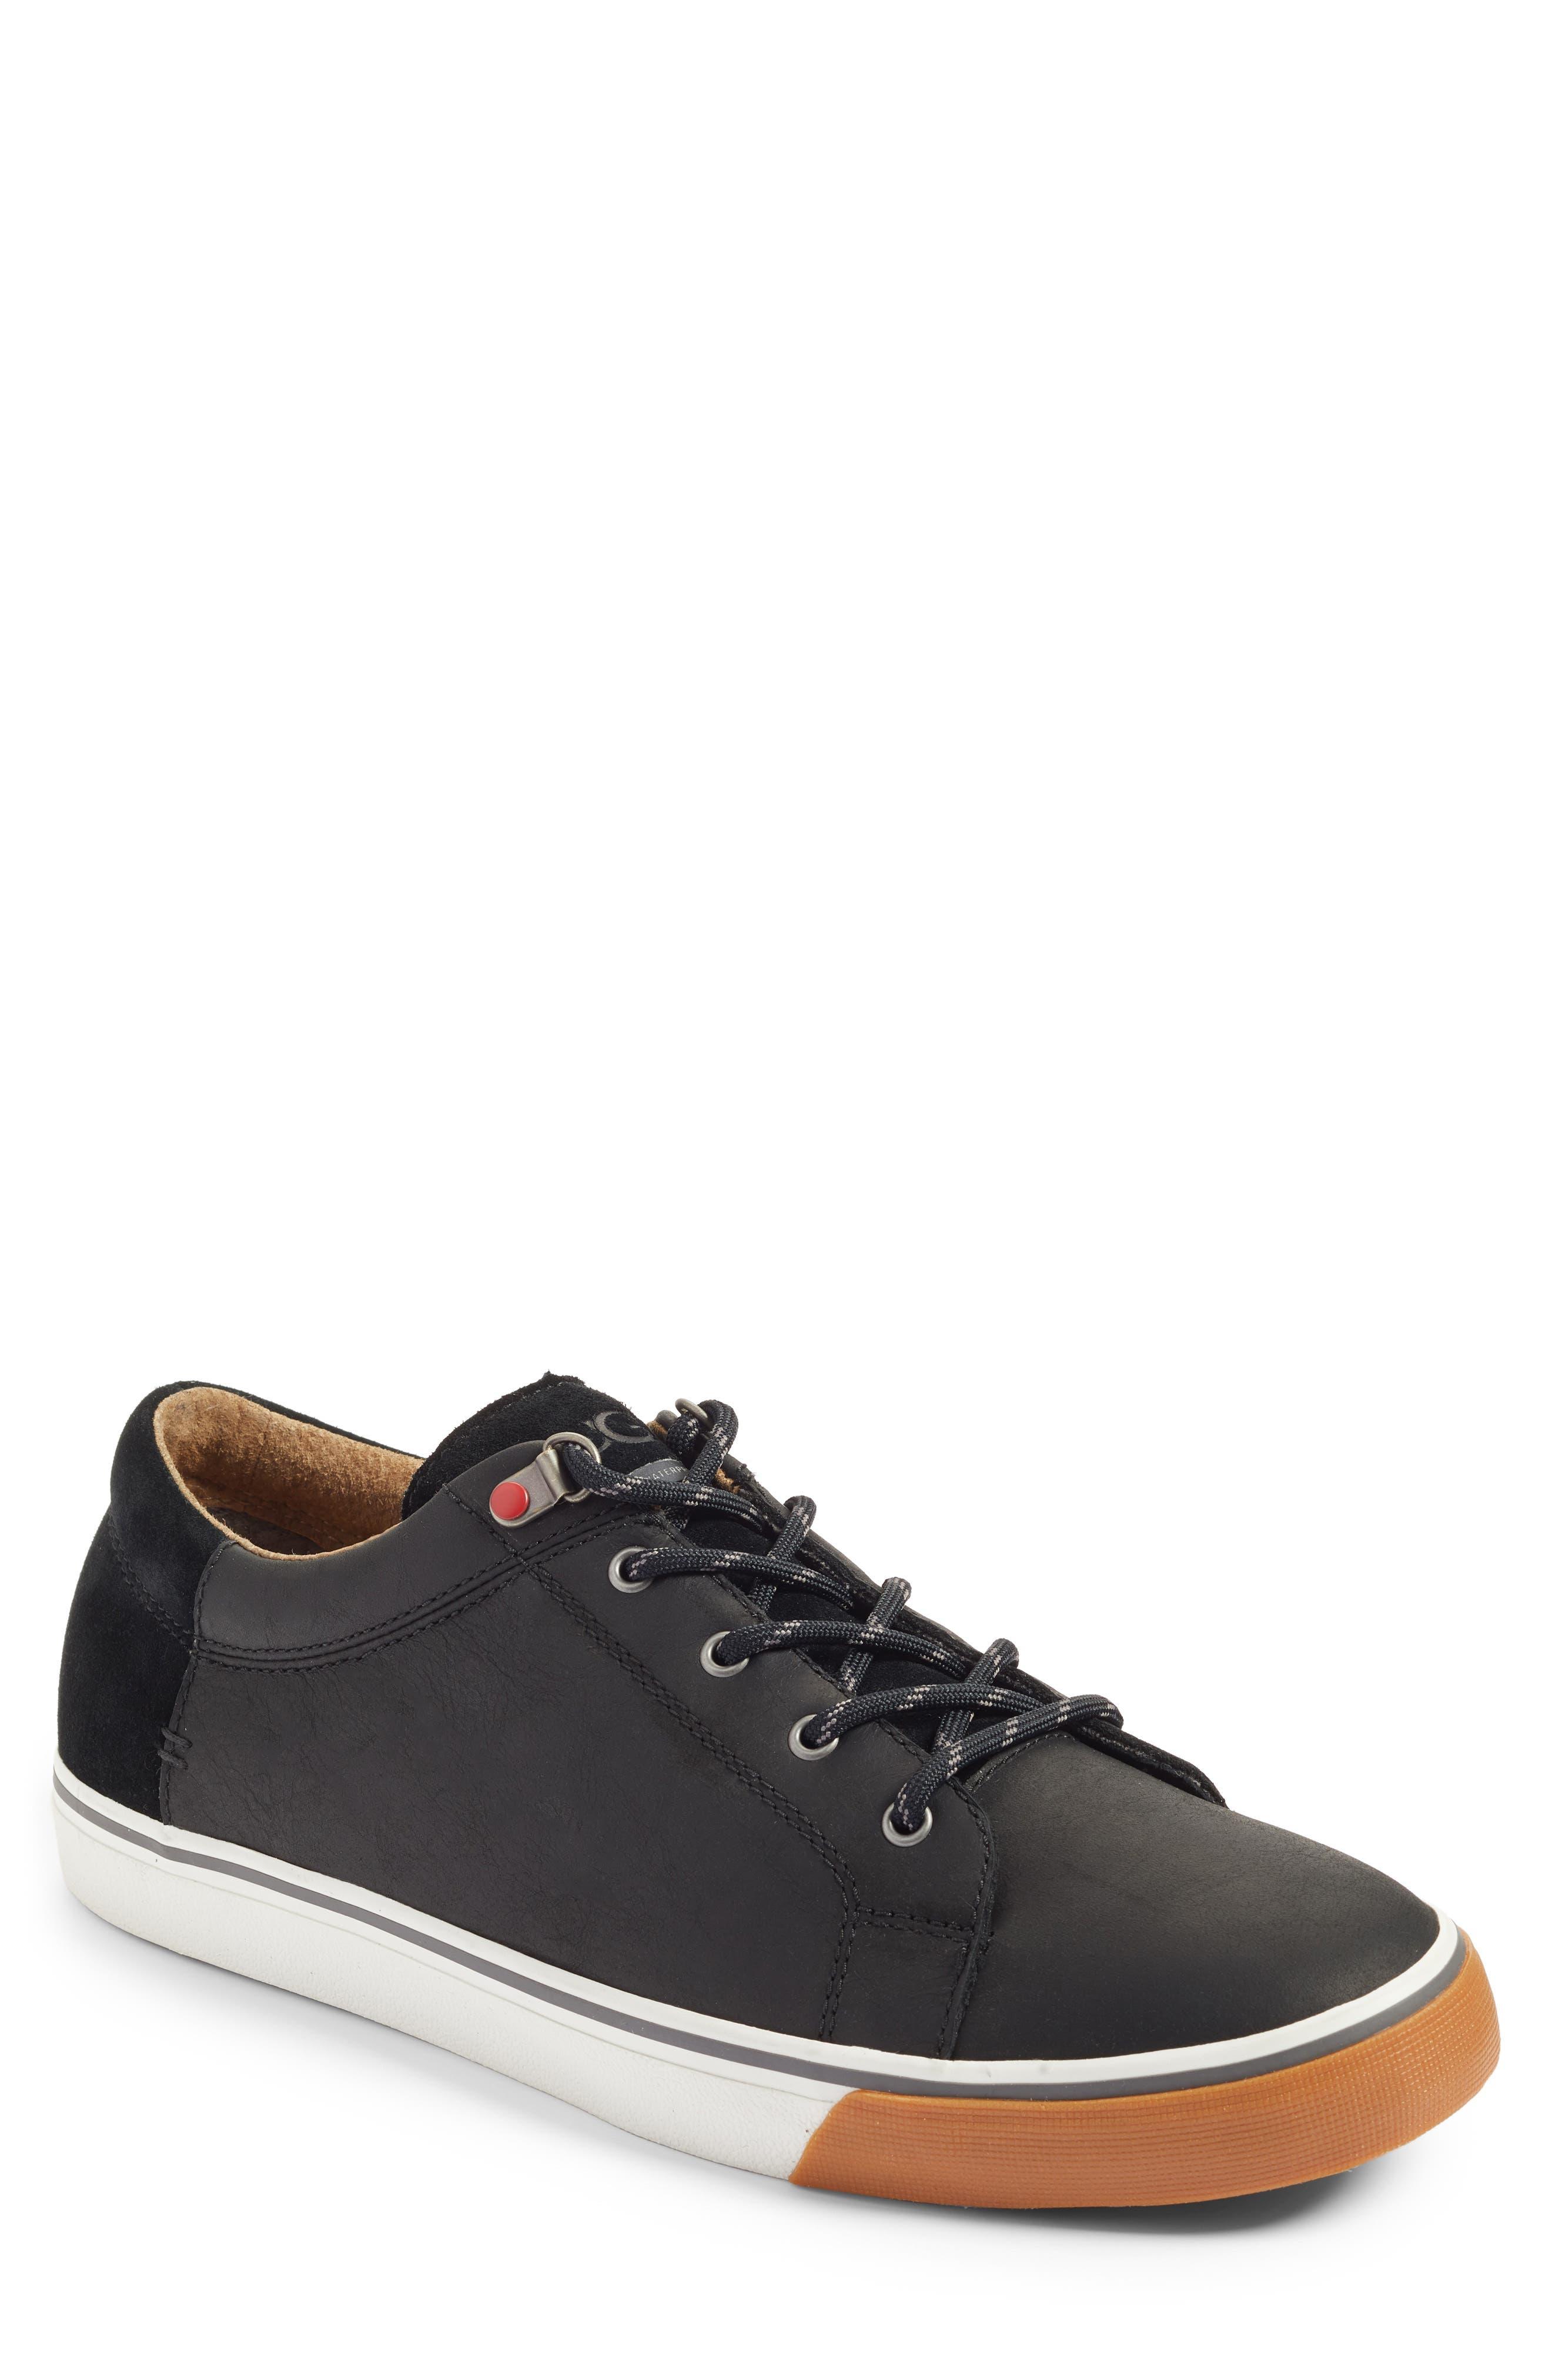 Brock Sneaker,                             Main thumbnail 1, color,                             Black